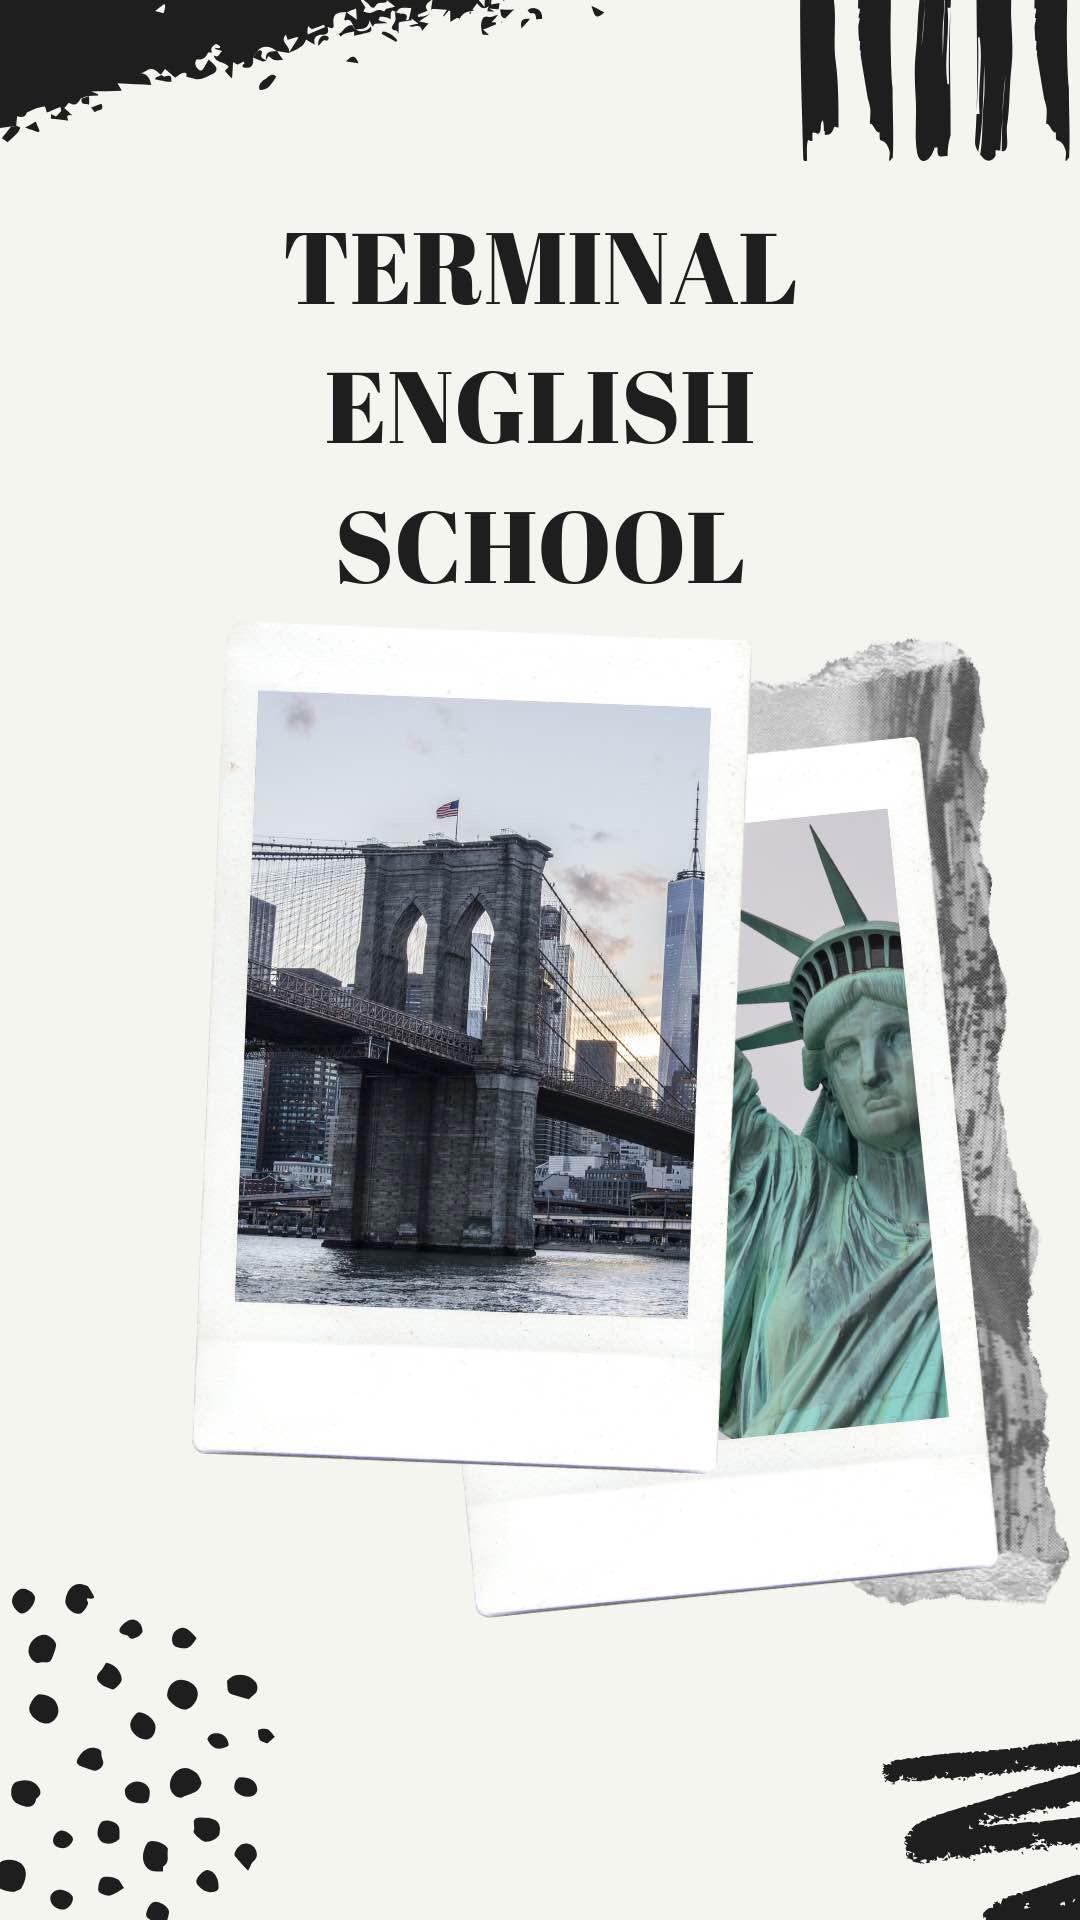 Tarminal English School